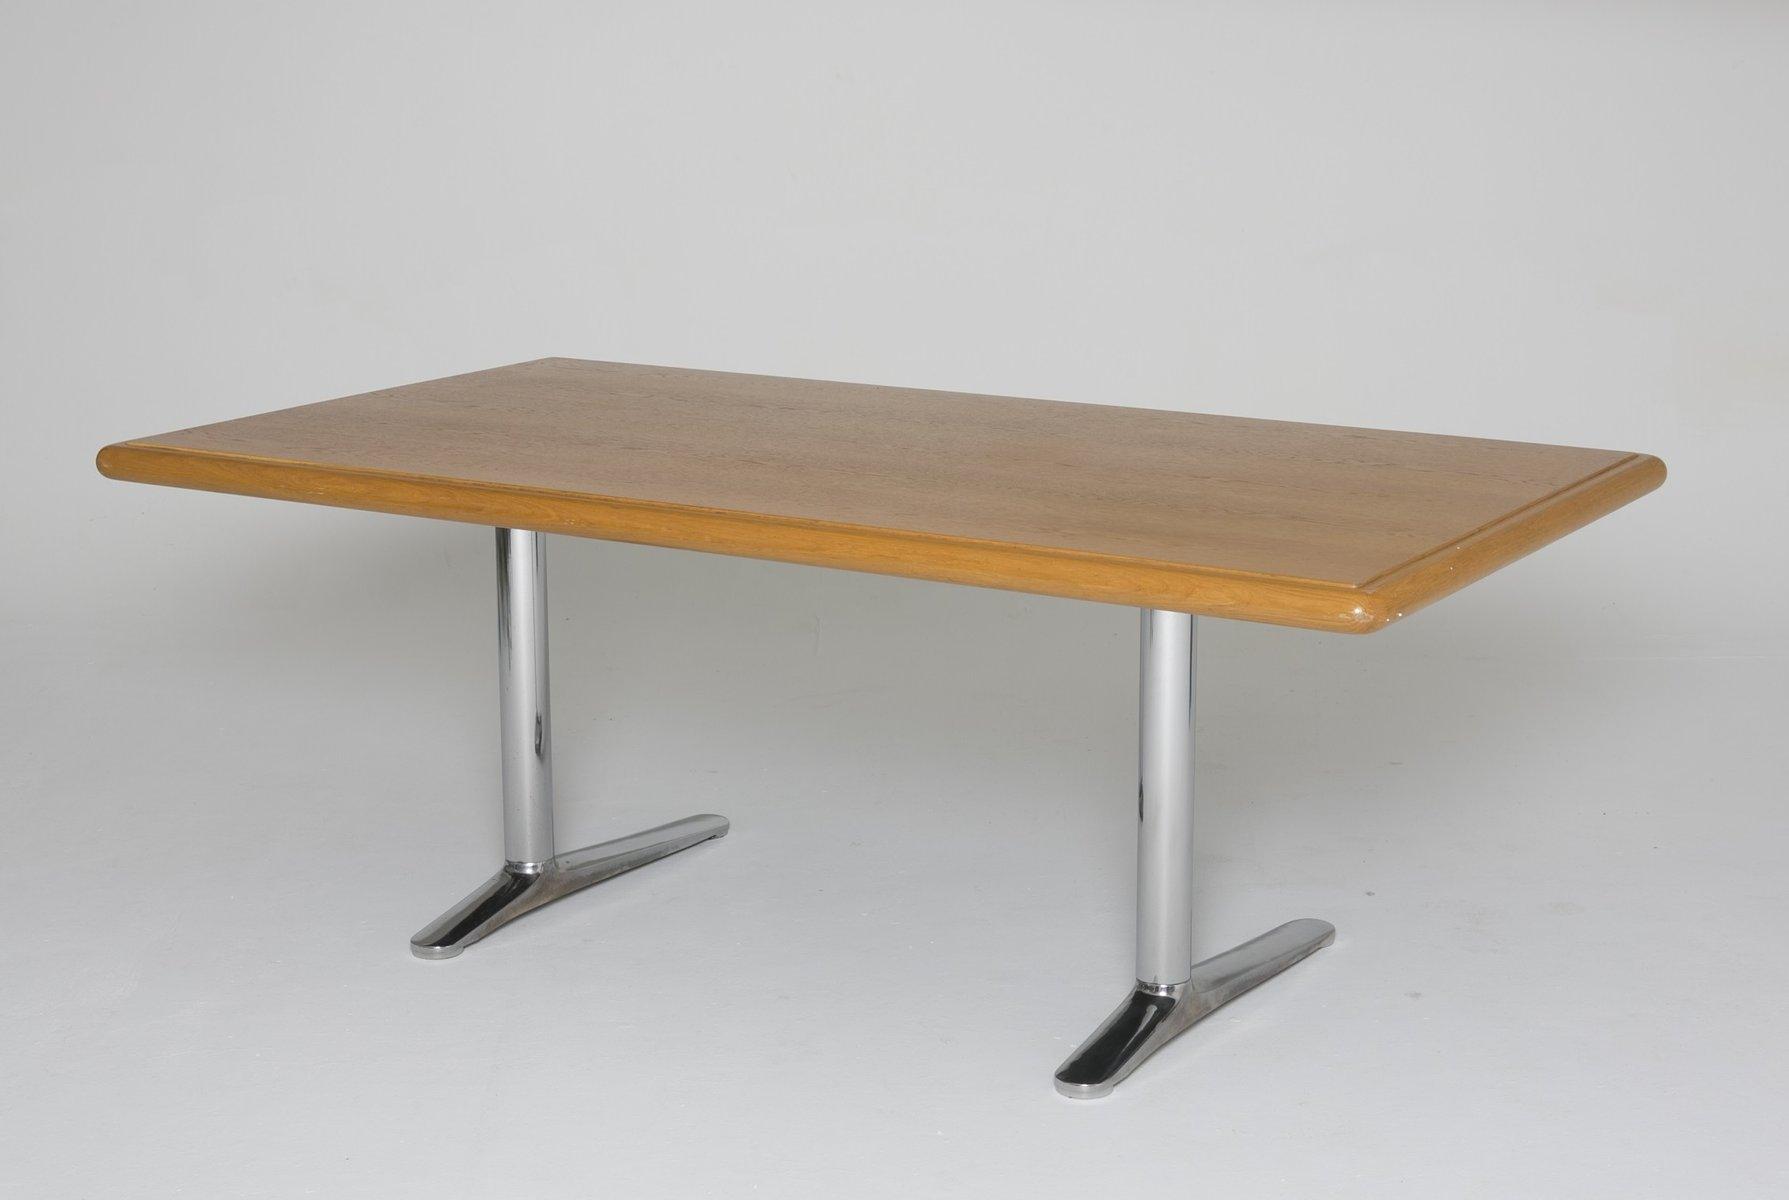 bureau vintage par warren platner pour knoll en vente sur pamono. Black Bedroom Furniture Sets. Home Design Ideas